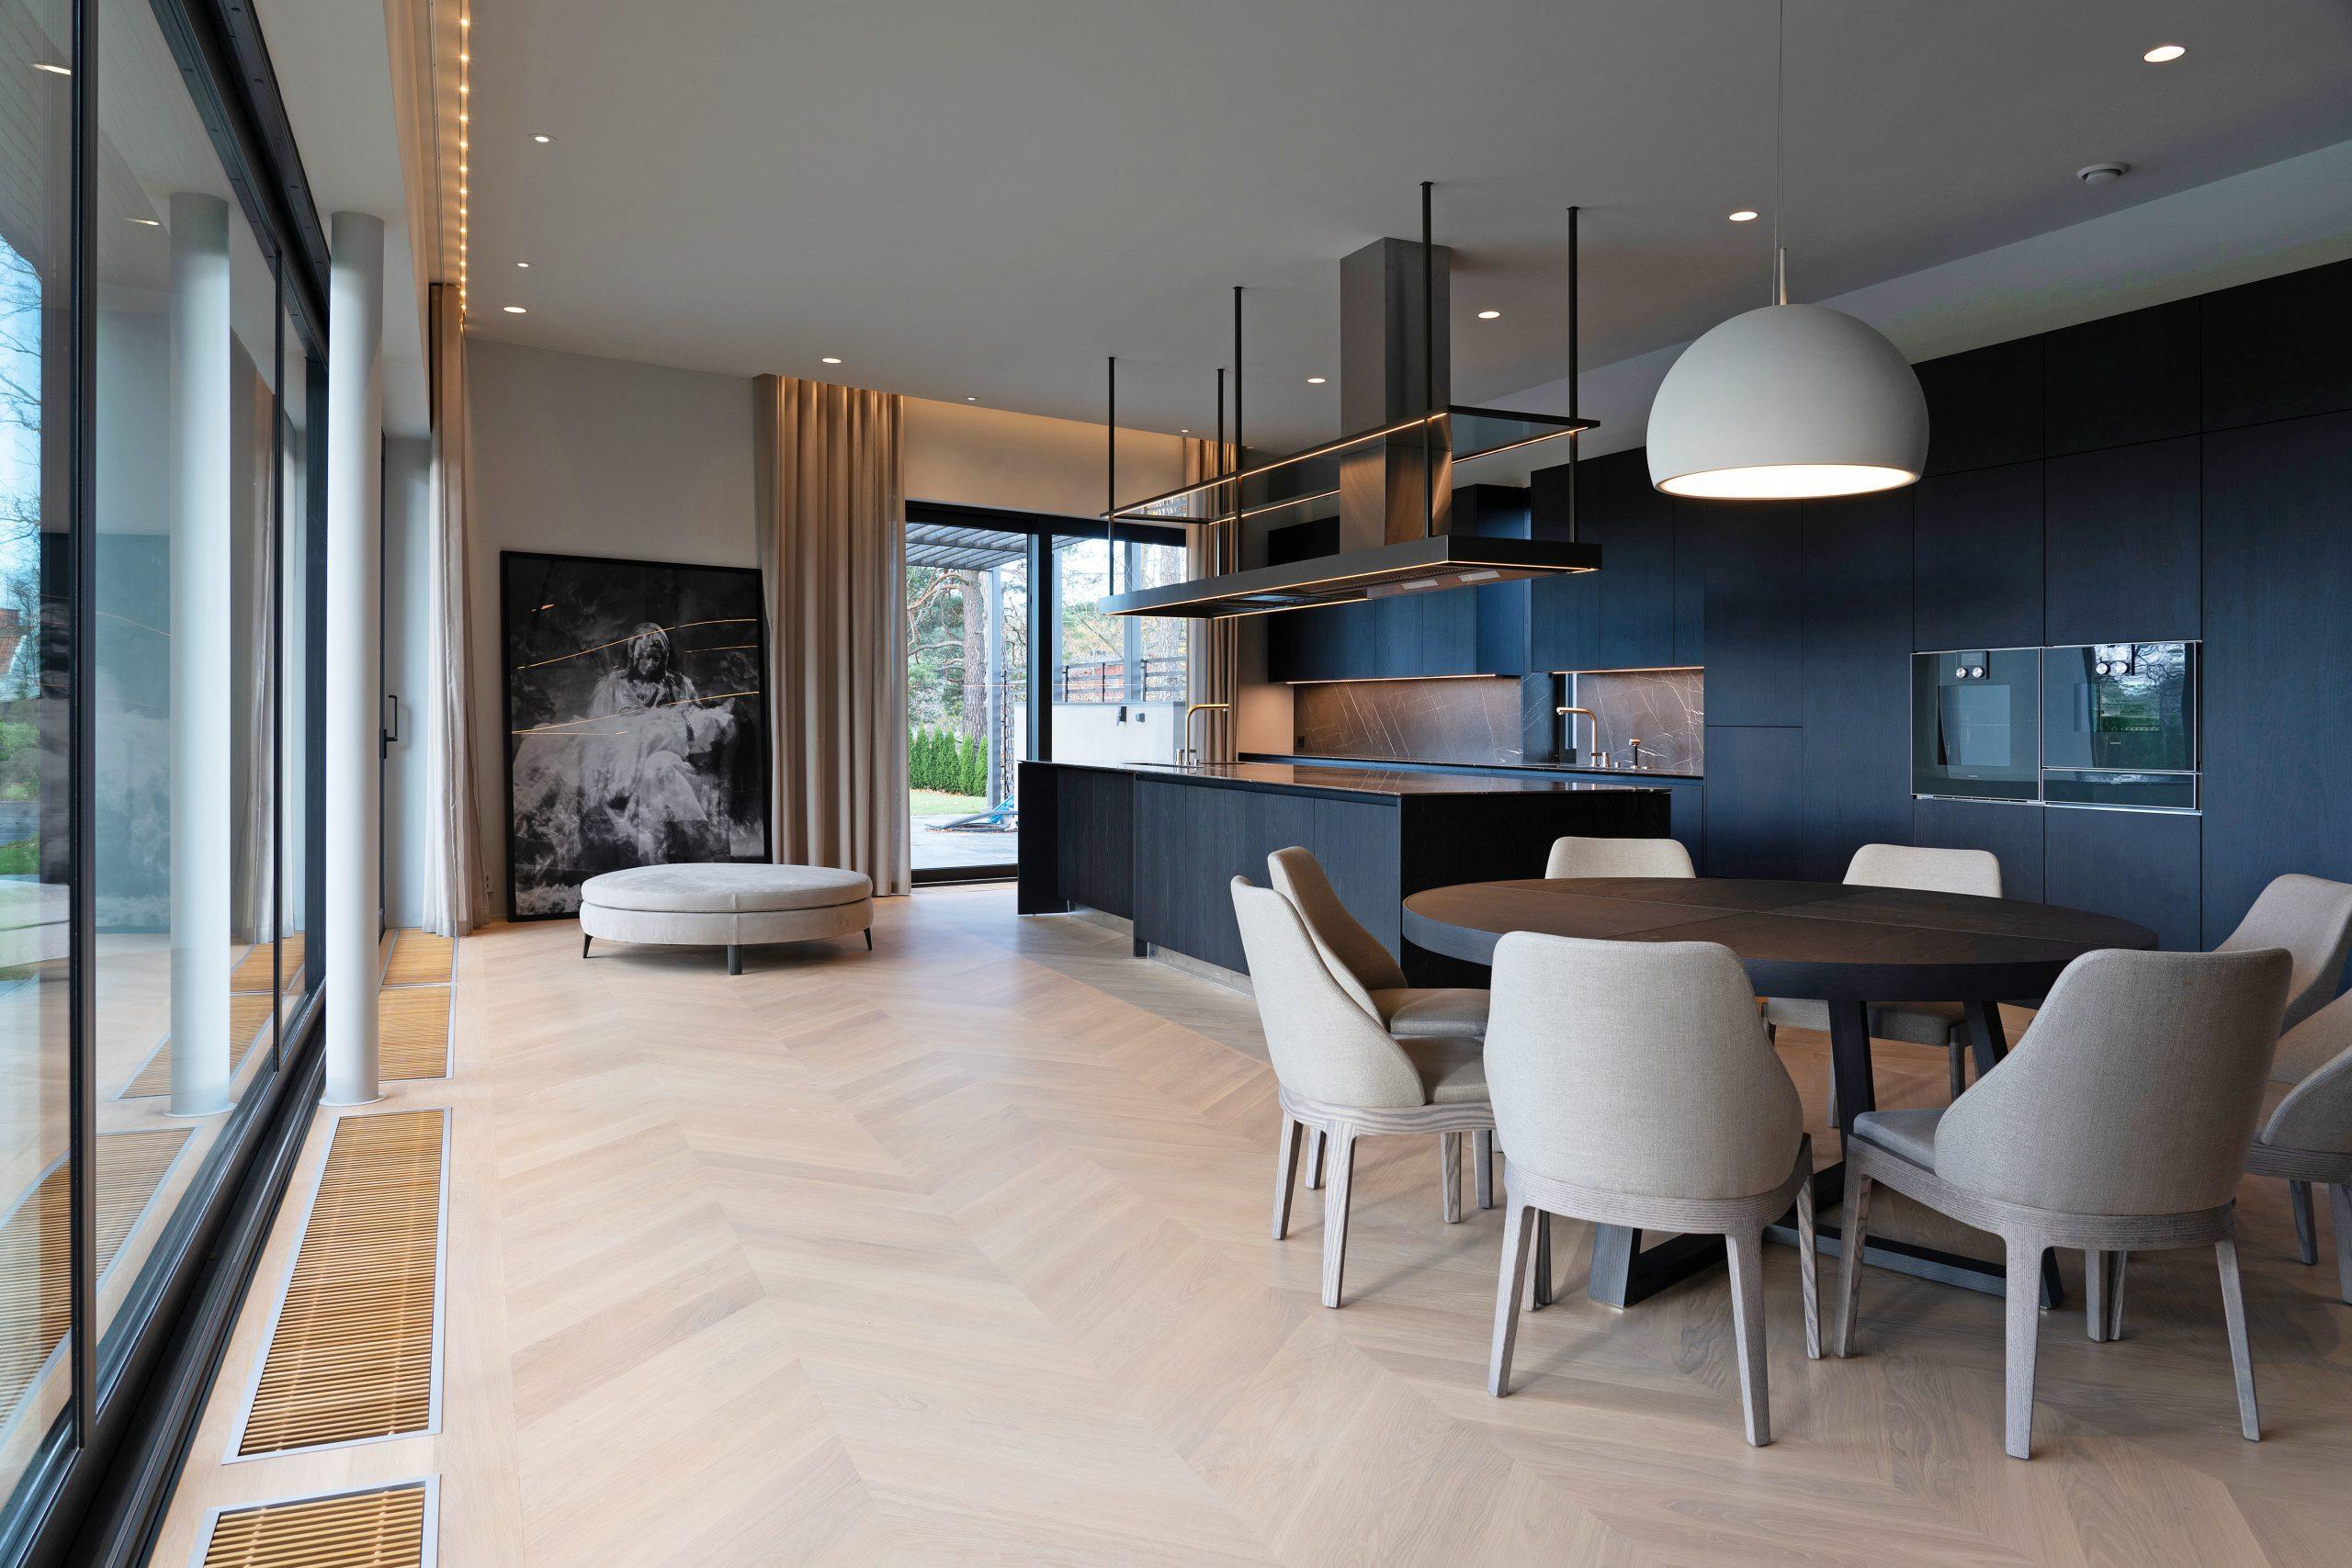 Exklusiv villa i Djursholm - Skeppsholmen Sotheby's International Realty. När du letar drömboende i Stockholm.